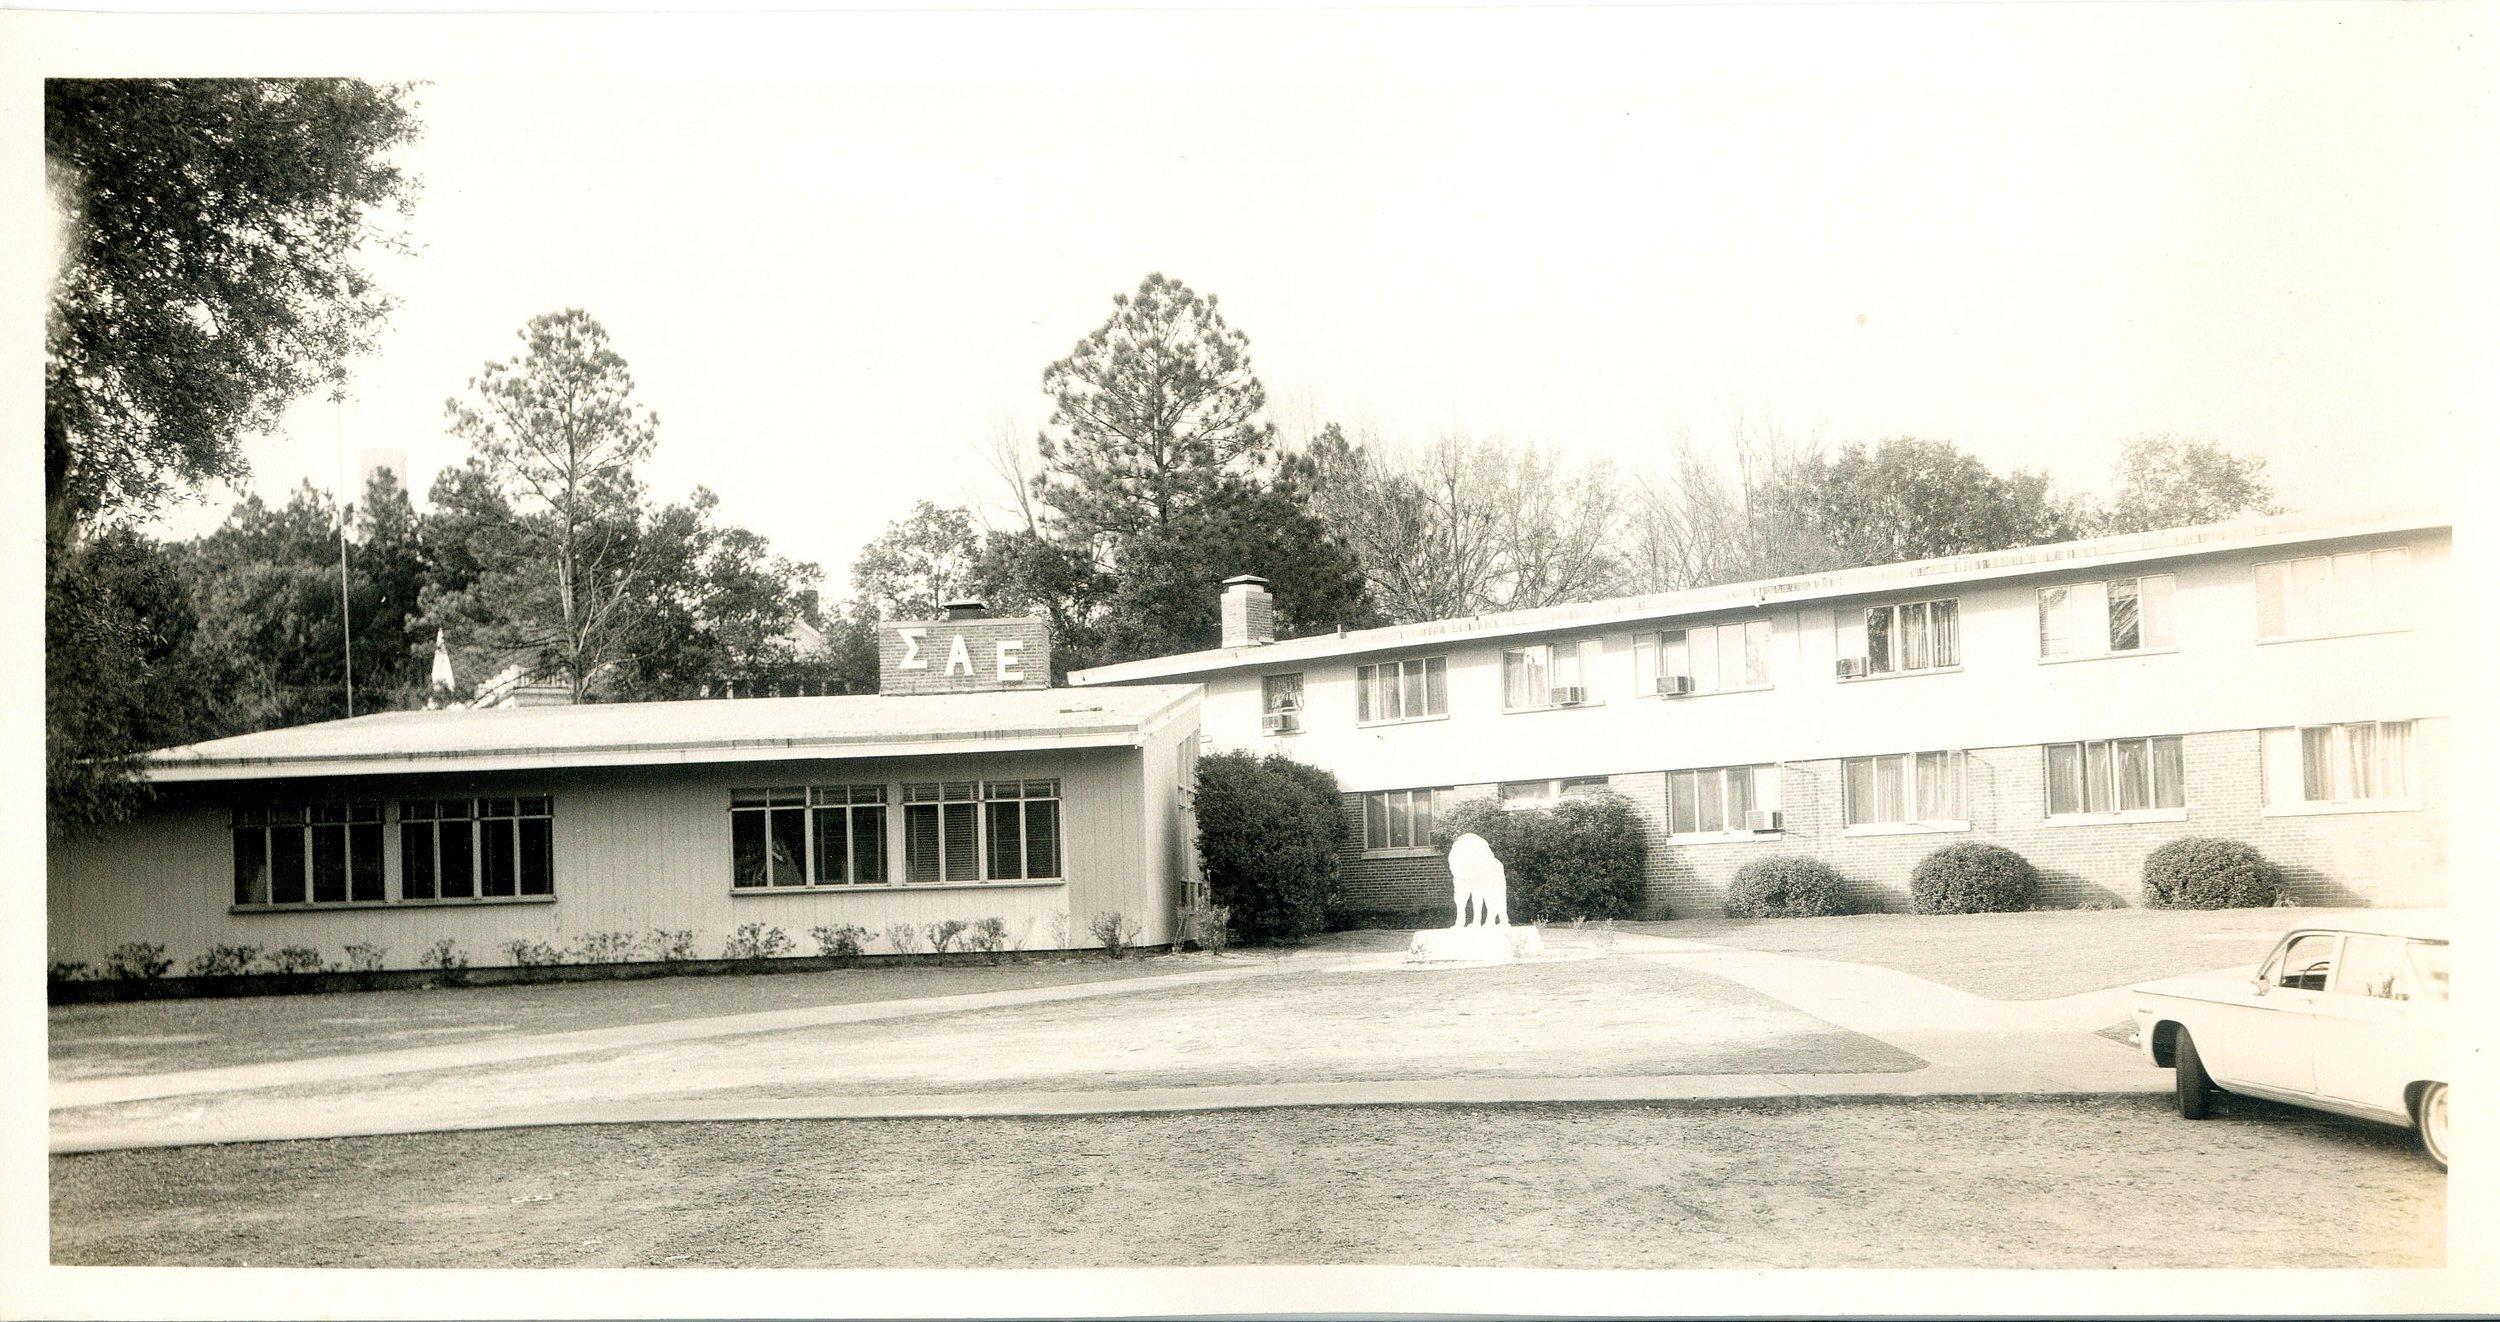 1965 SAE house.jpg